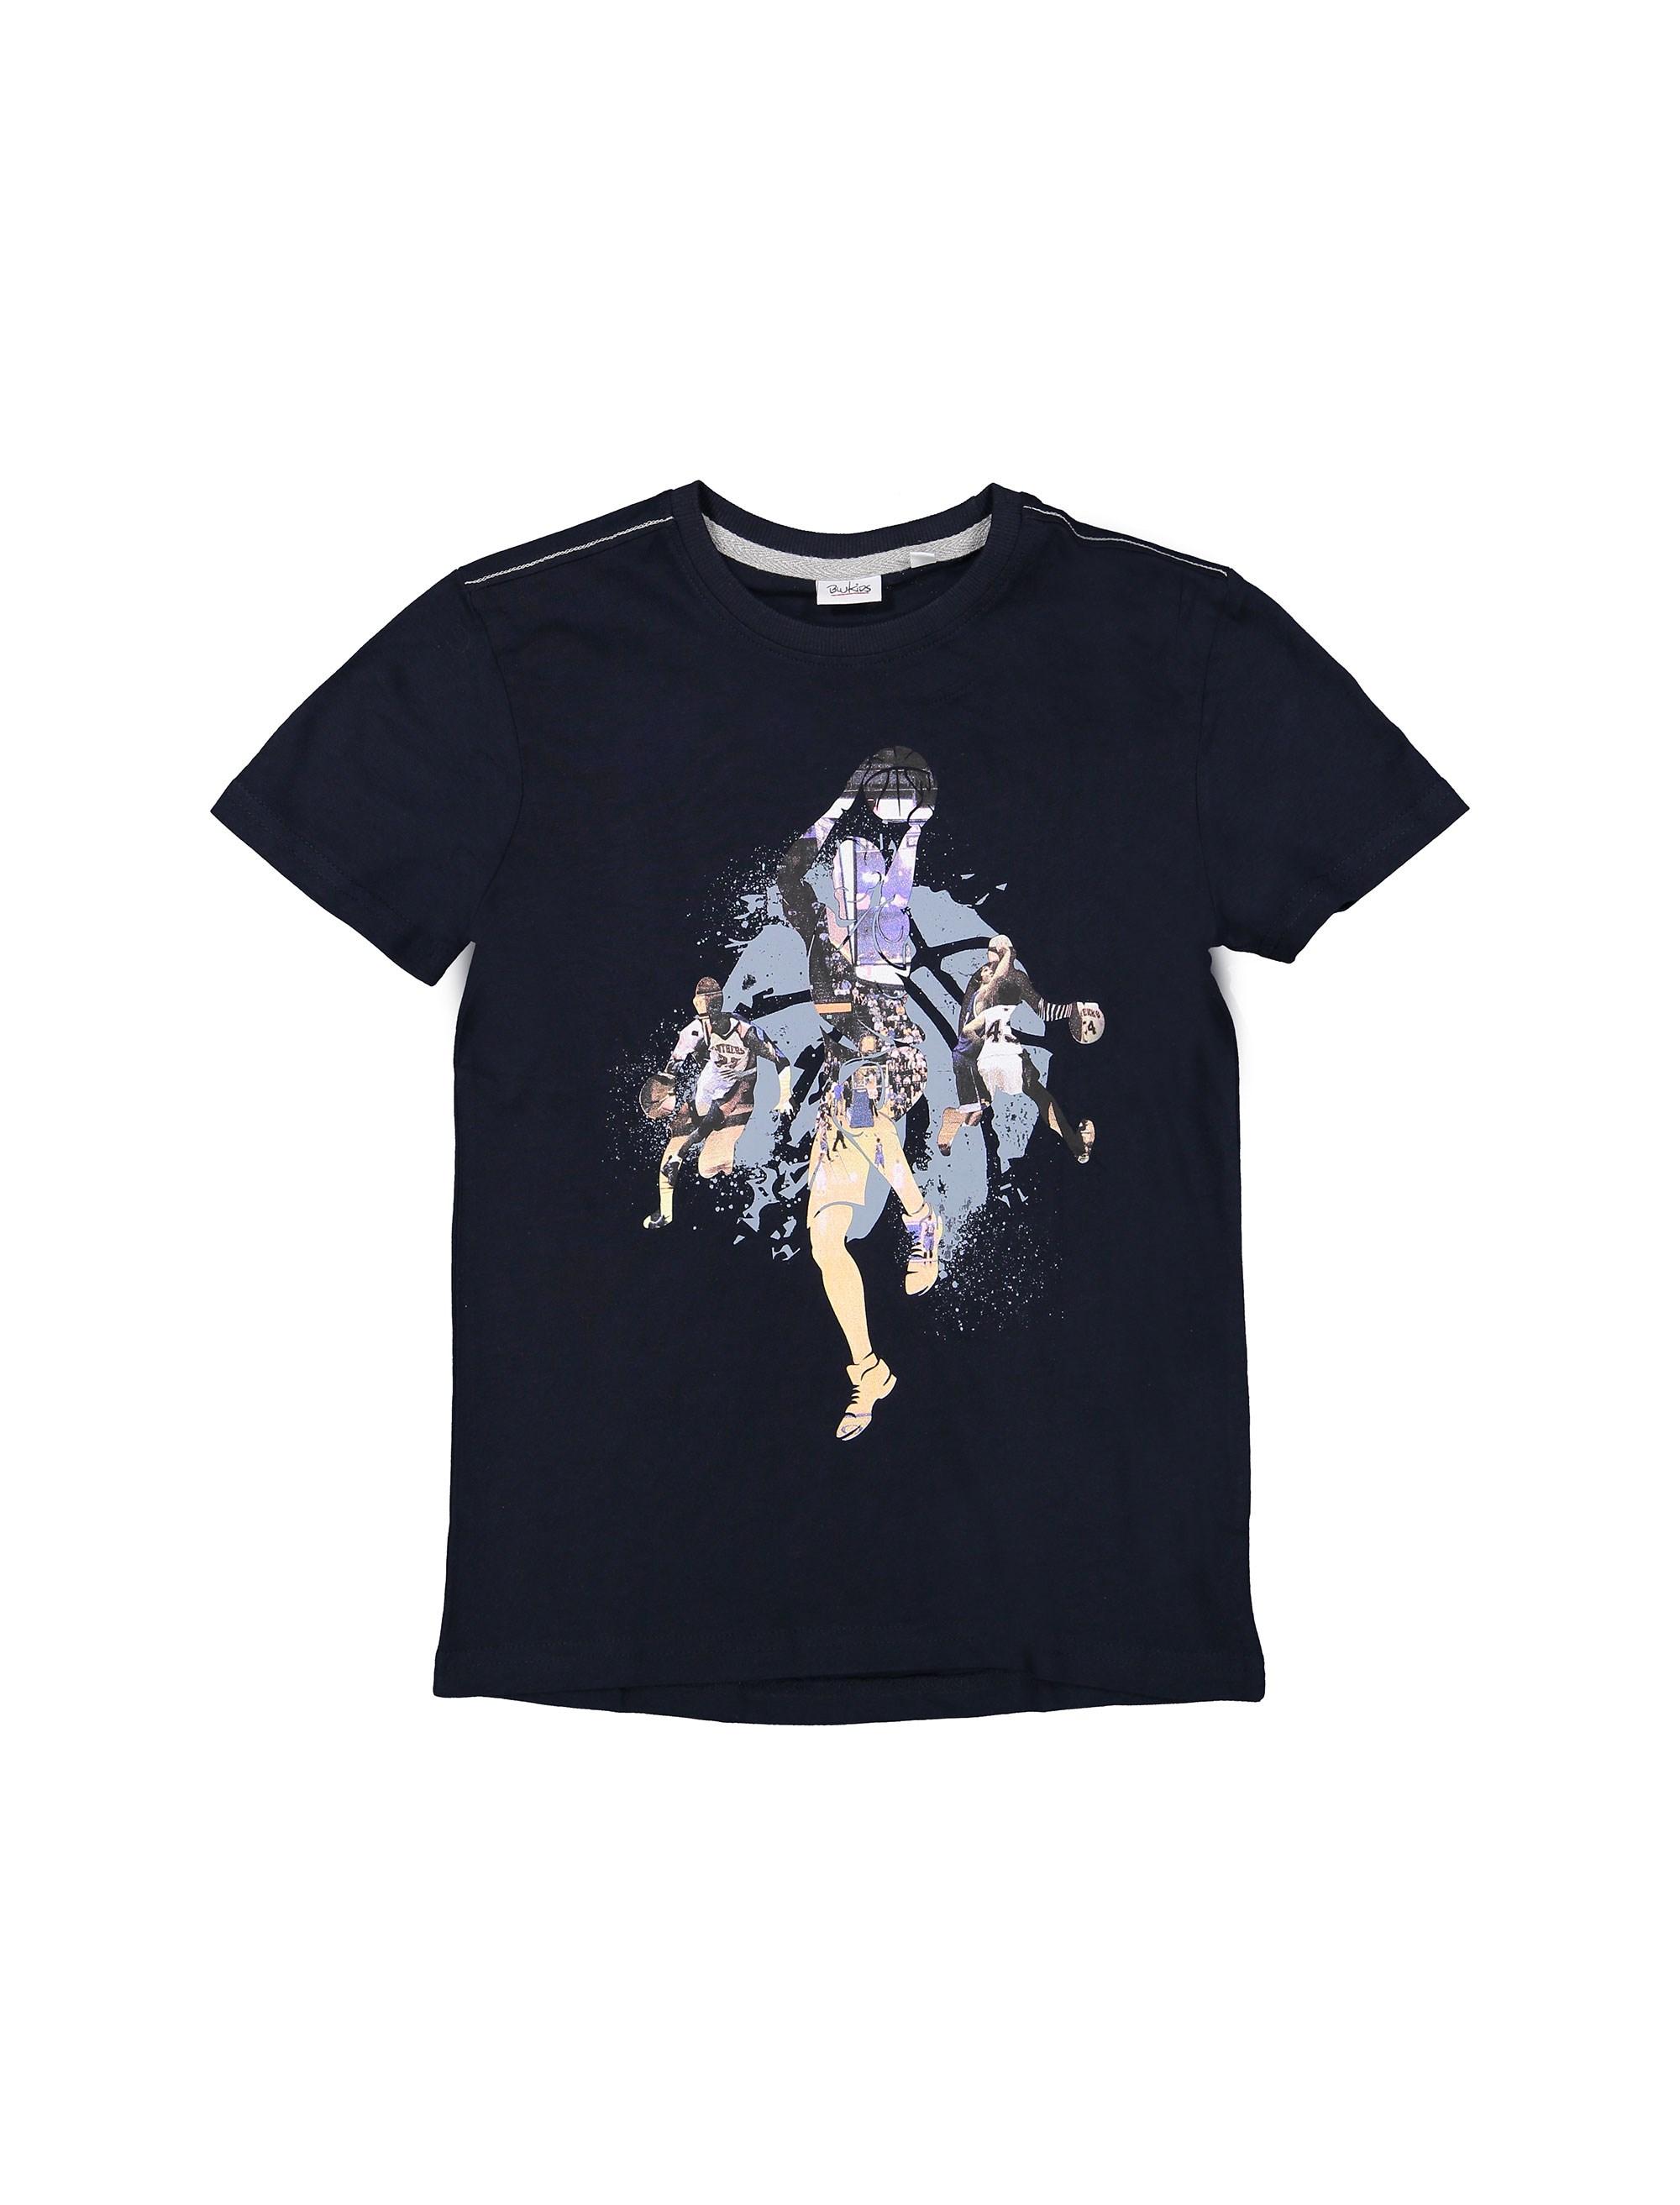 تی شرت و شلوارک نخی پسرانه - بلوکیدز